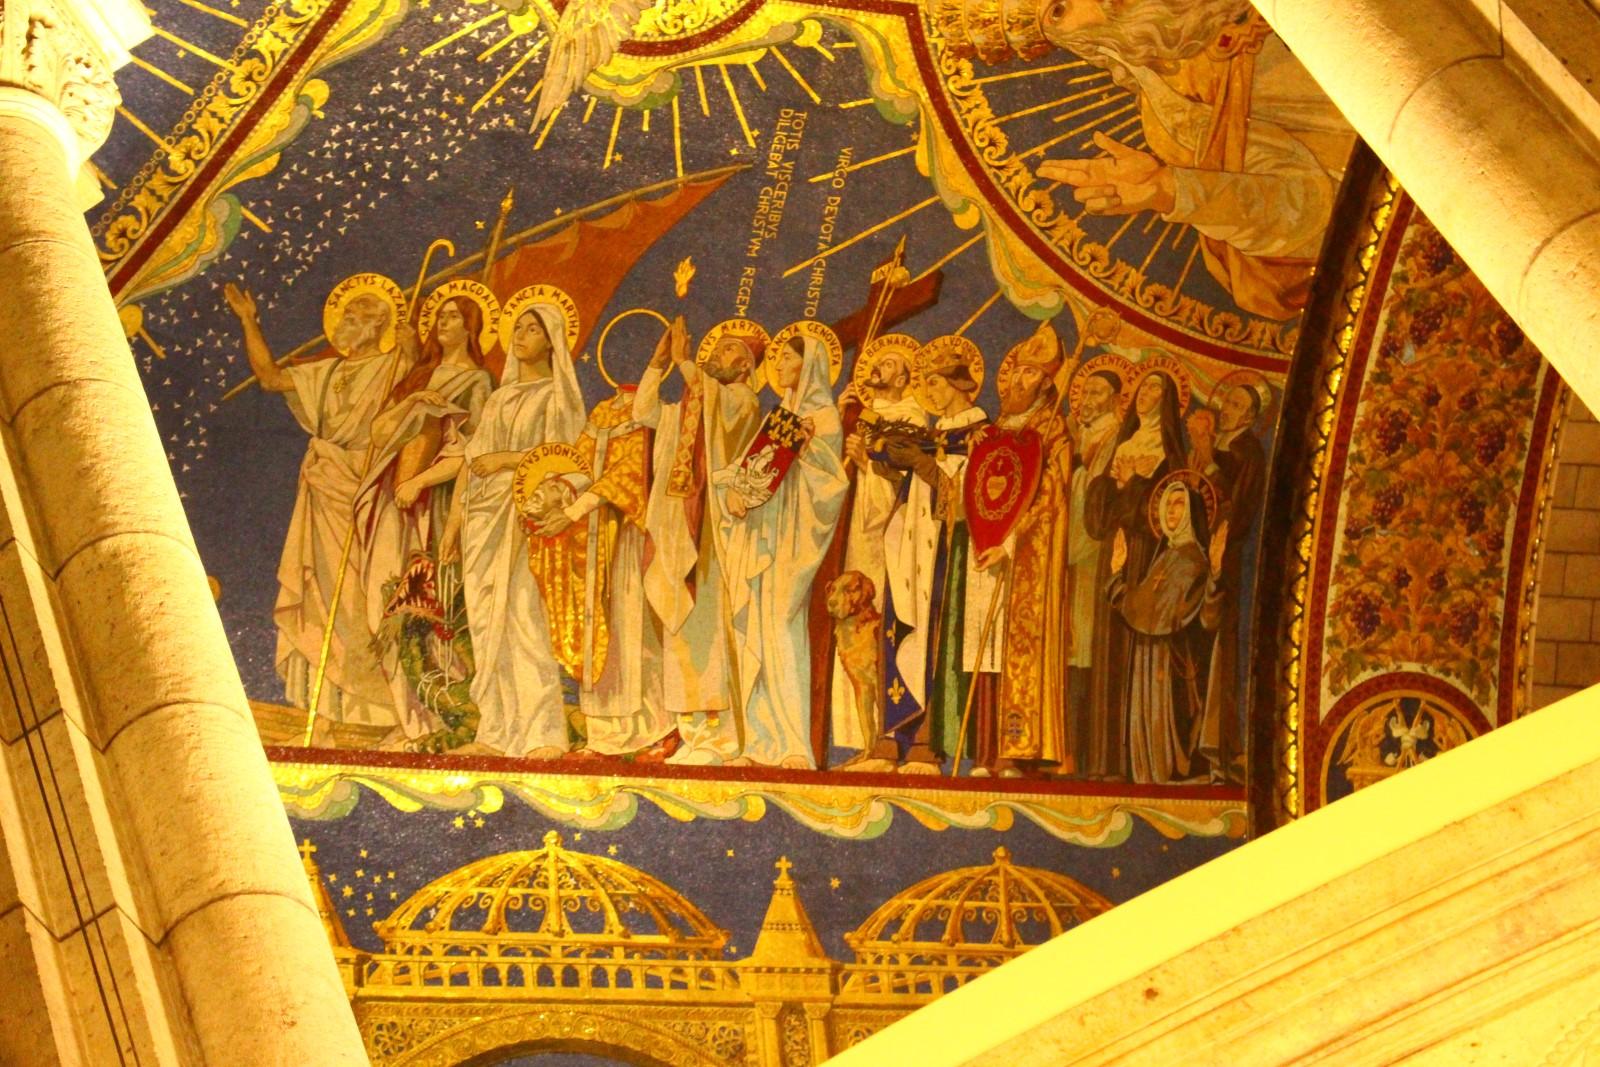 Detalle del mosaico del techo de la basílica con muchos de los santos franceses (muchos de los cuales pudimos visitar)